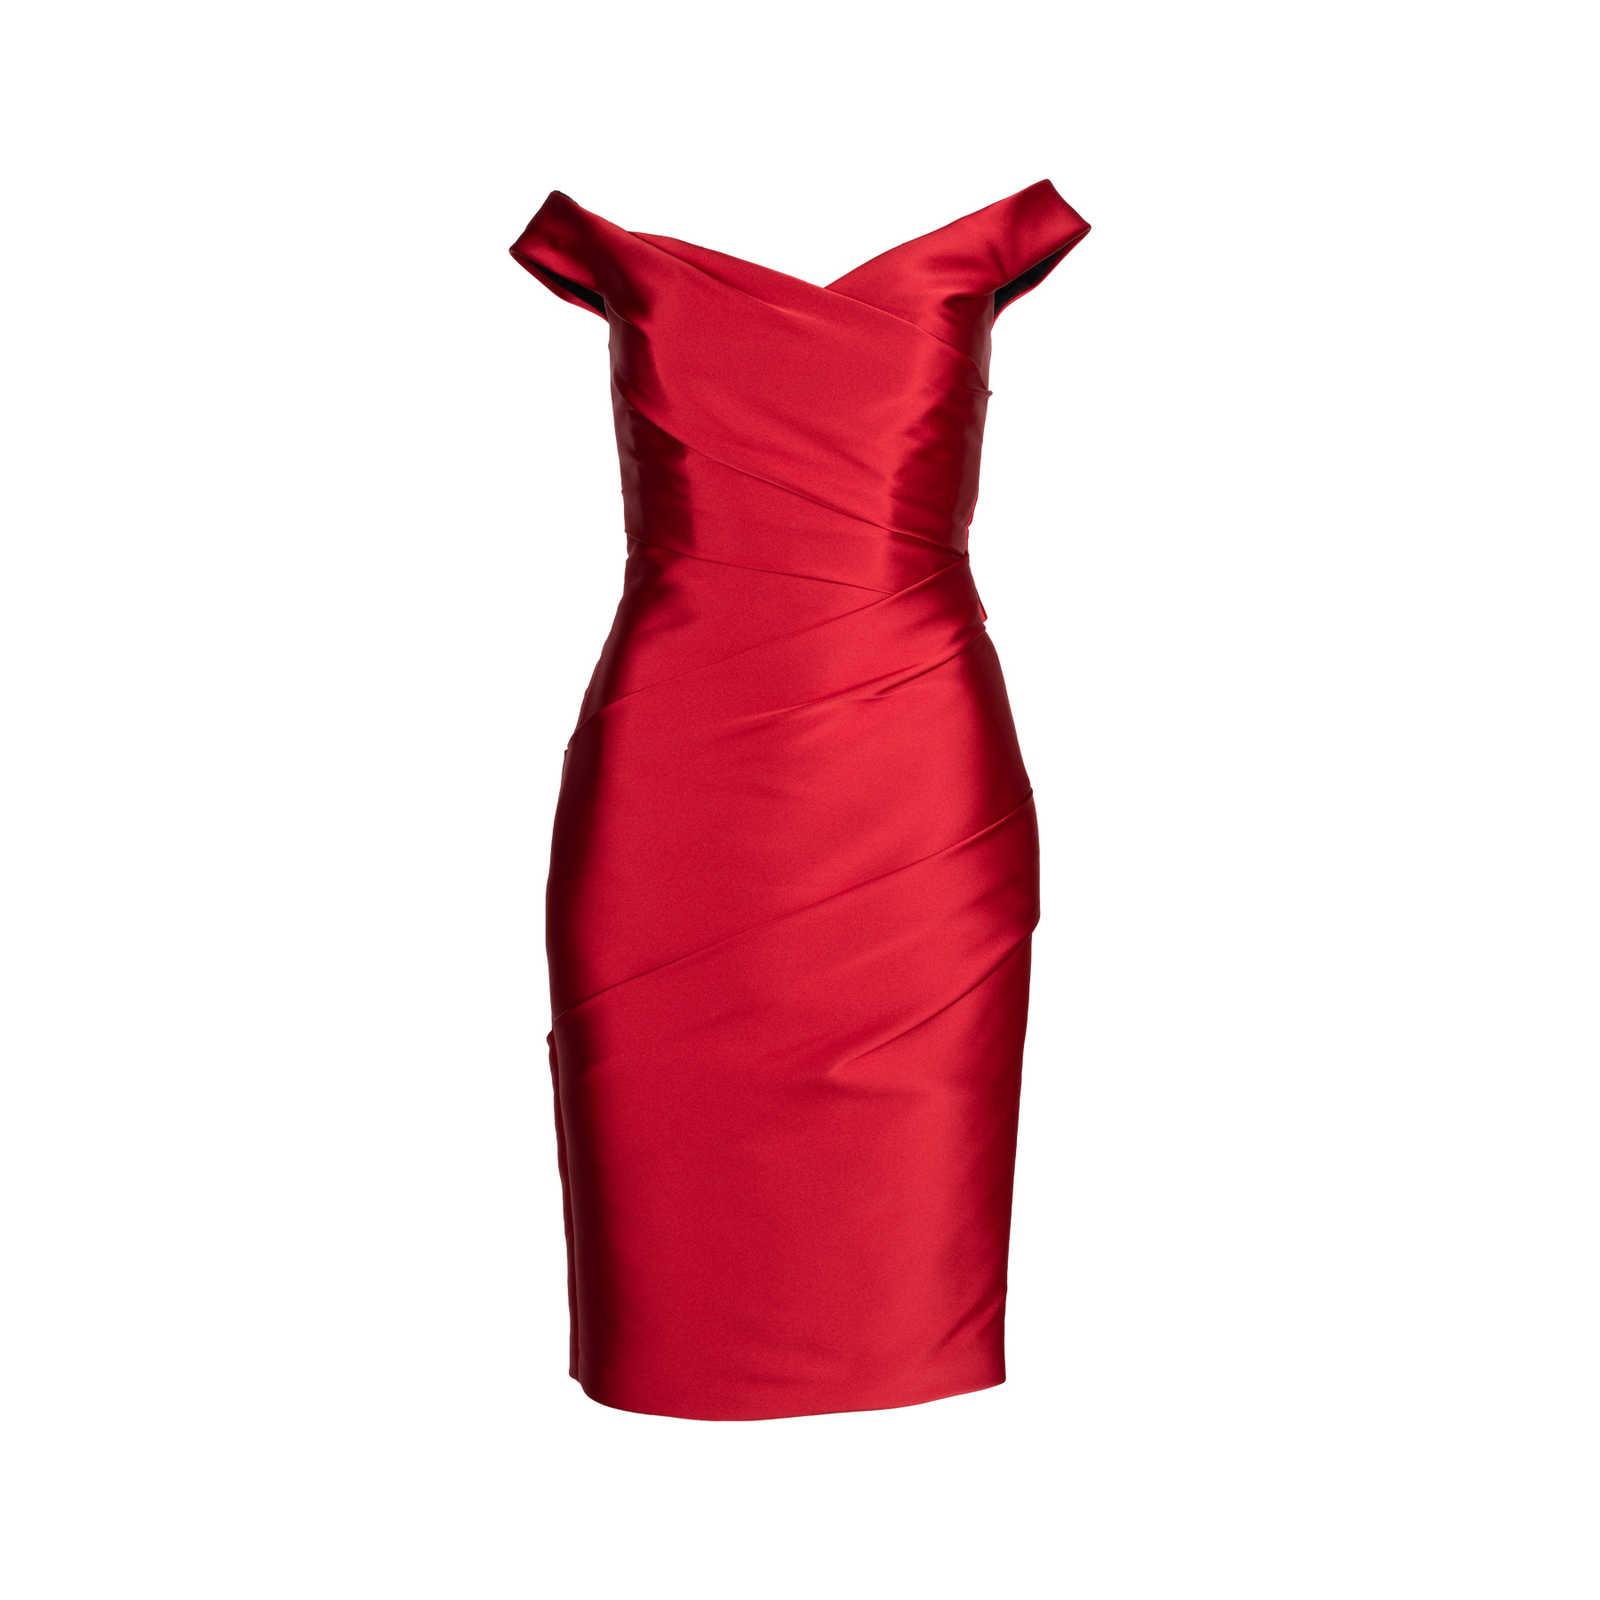 2423b68e376 Authentic Second Hand Monique Lhuillier Off-The-Shoulder Cocktail Dress  (PSS-424 ...